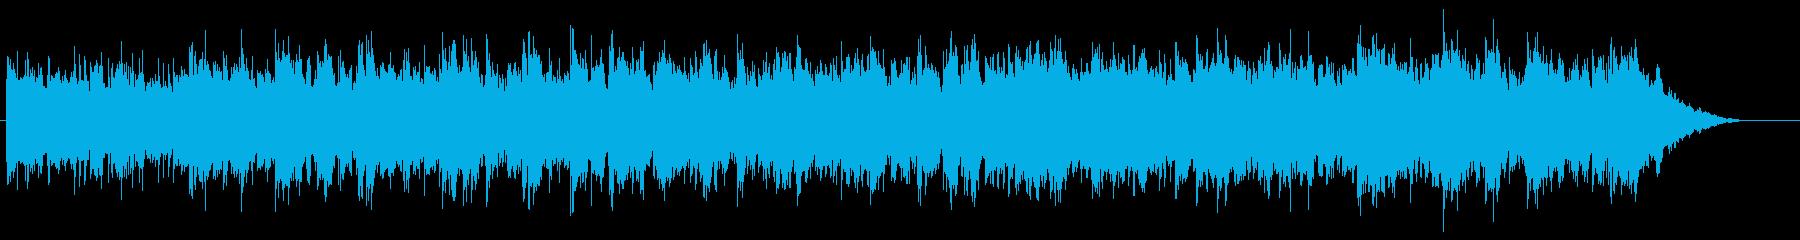 ニューエイジ風ピアノ・オリエンテッドの再生済みの波形